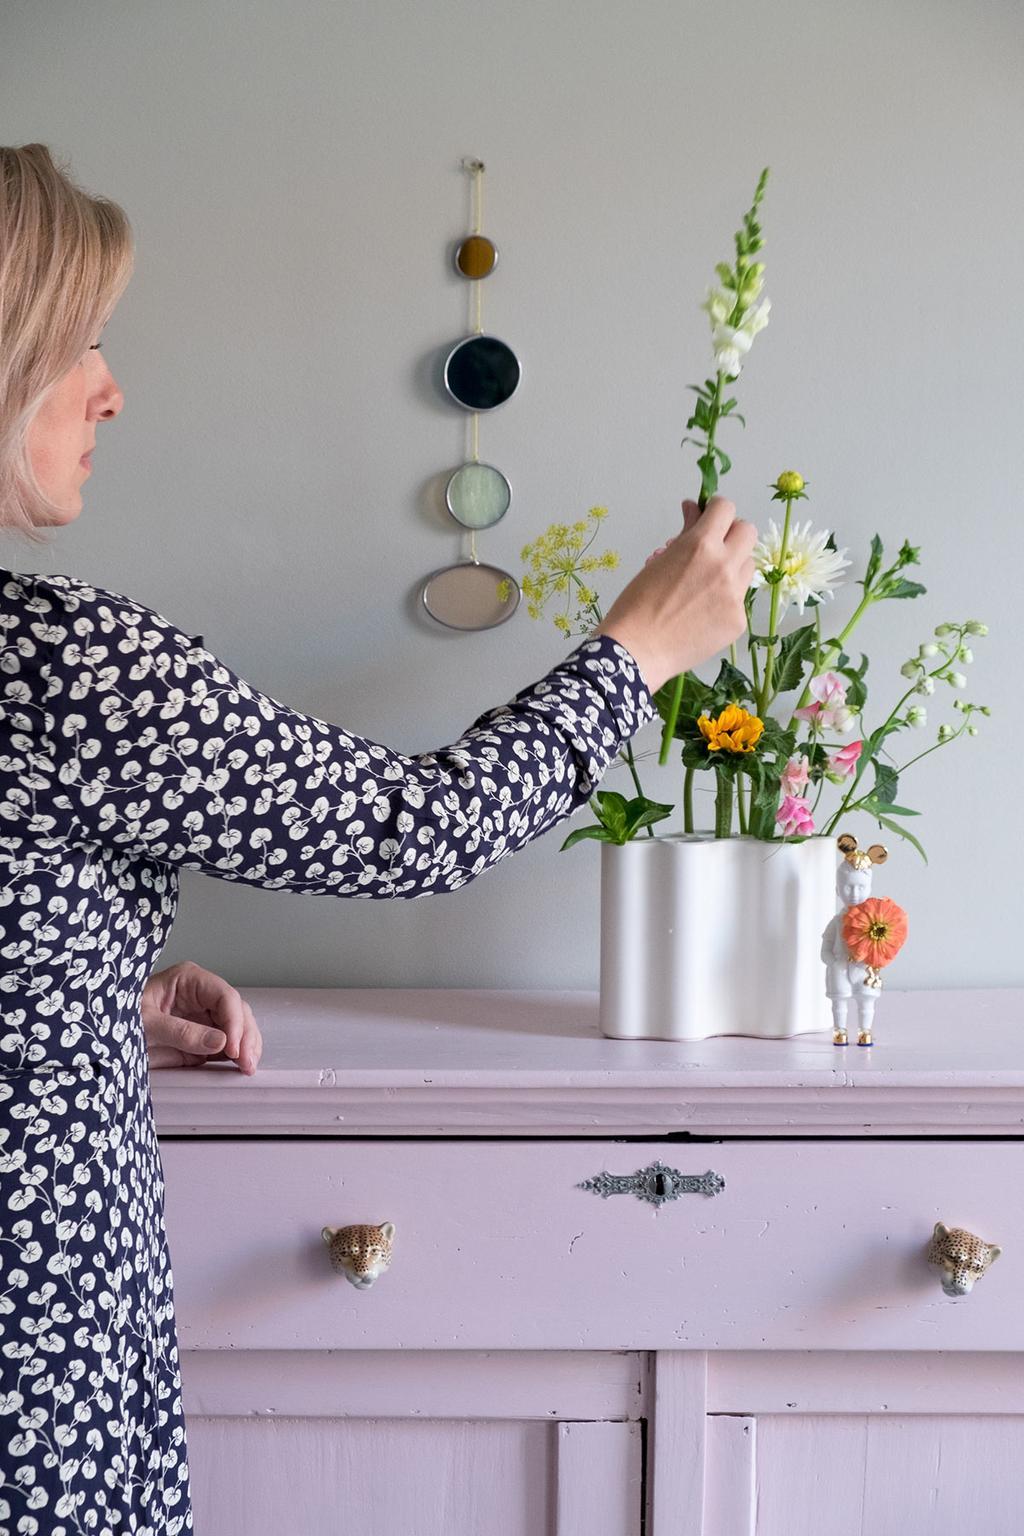 Glas-in-lood van De Glazerij boven een roze dressoir met bloemen